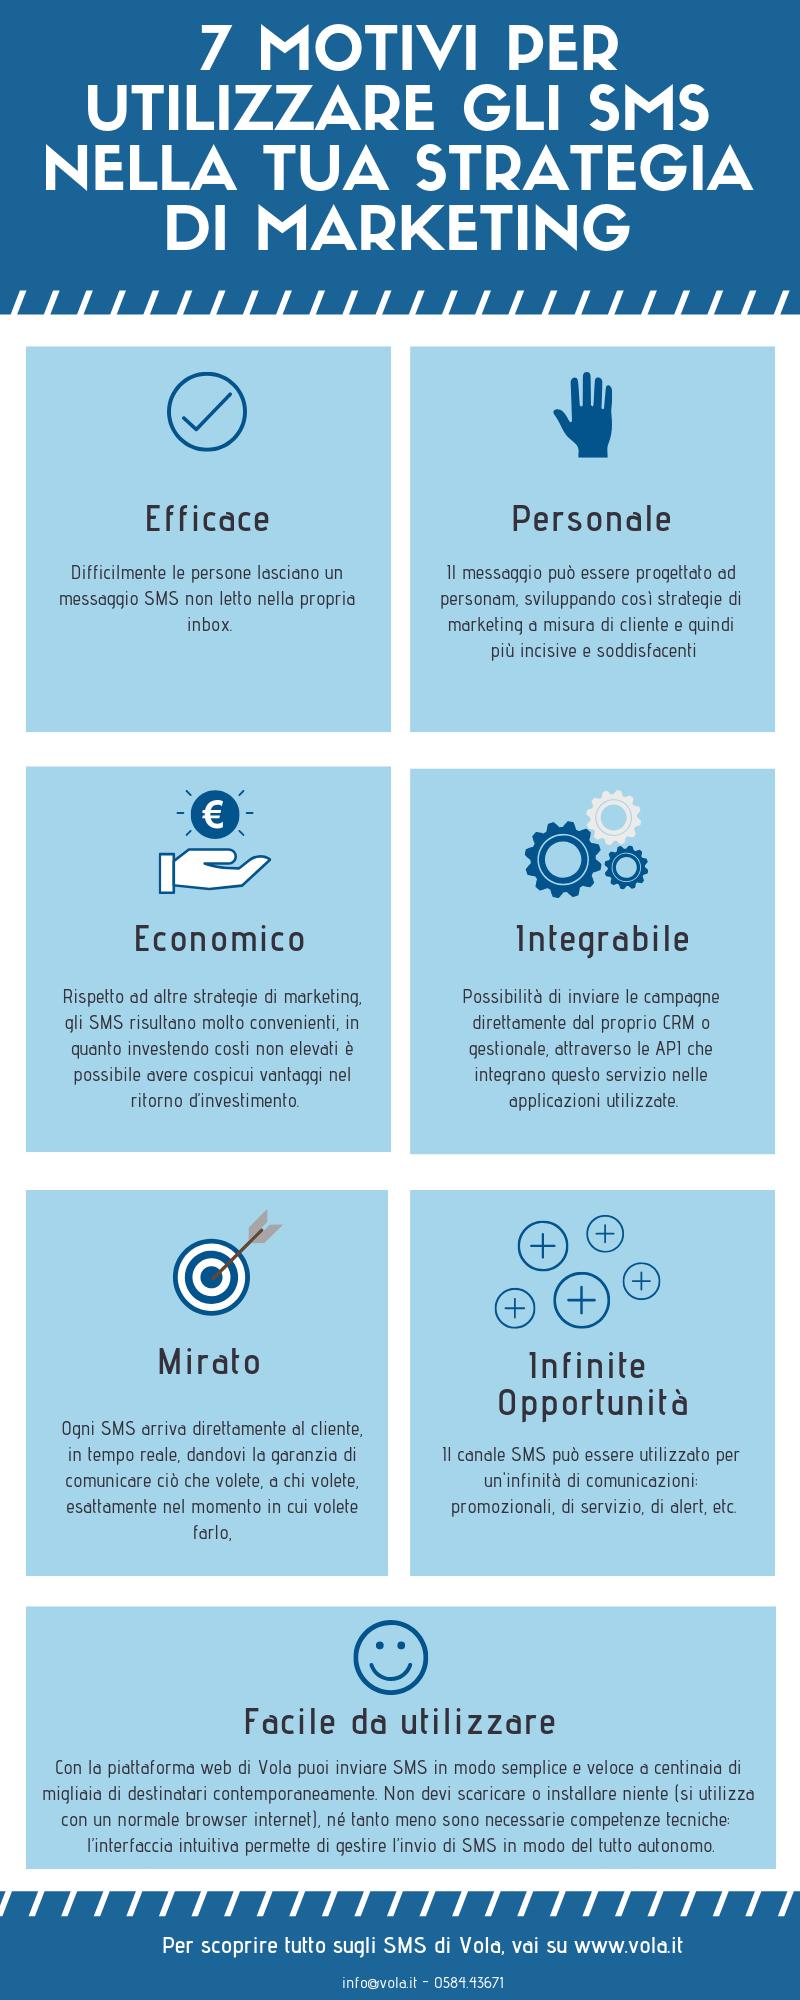 SMS nella strategia di marketing-infografica di Vola